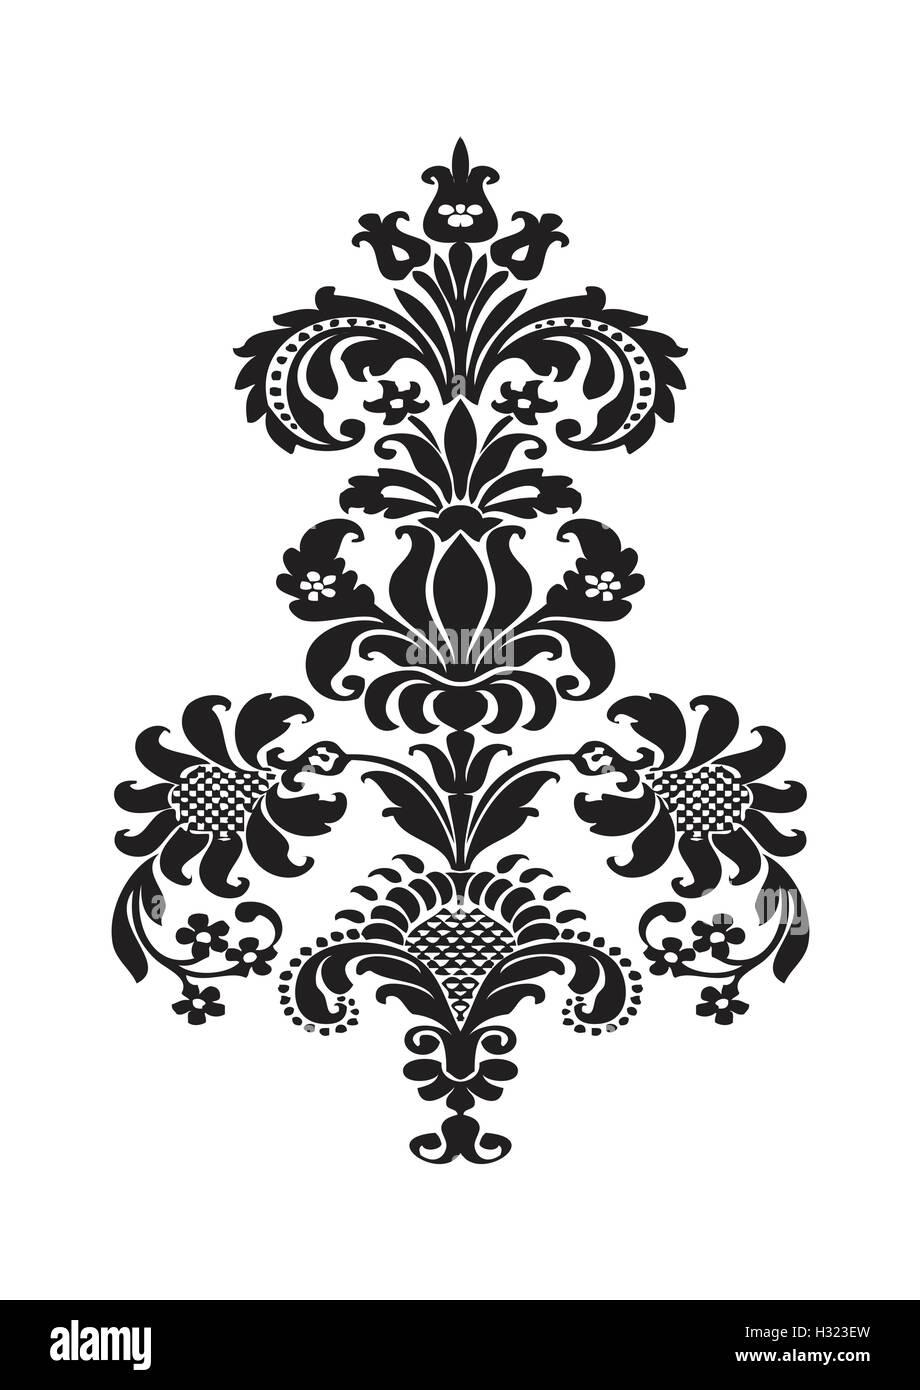 Vector Disegno Floreale Stilizzato Elemento Con Fiore Nero E